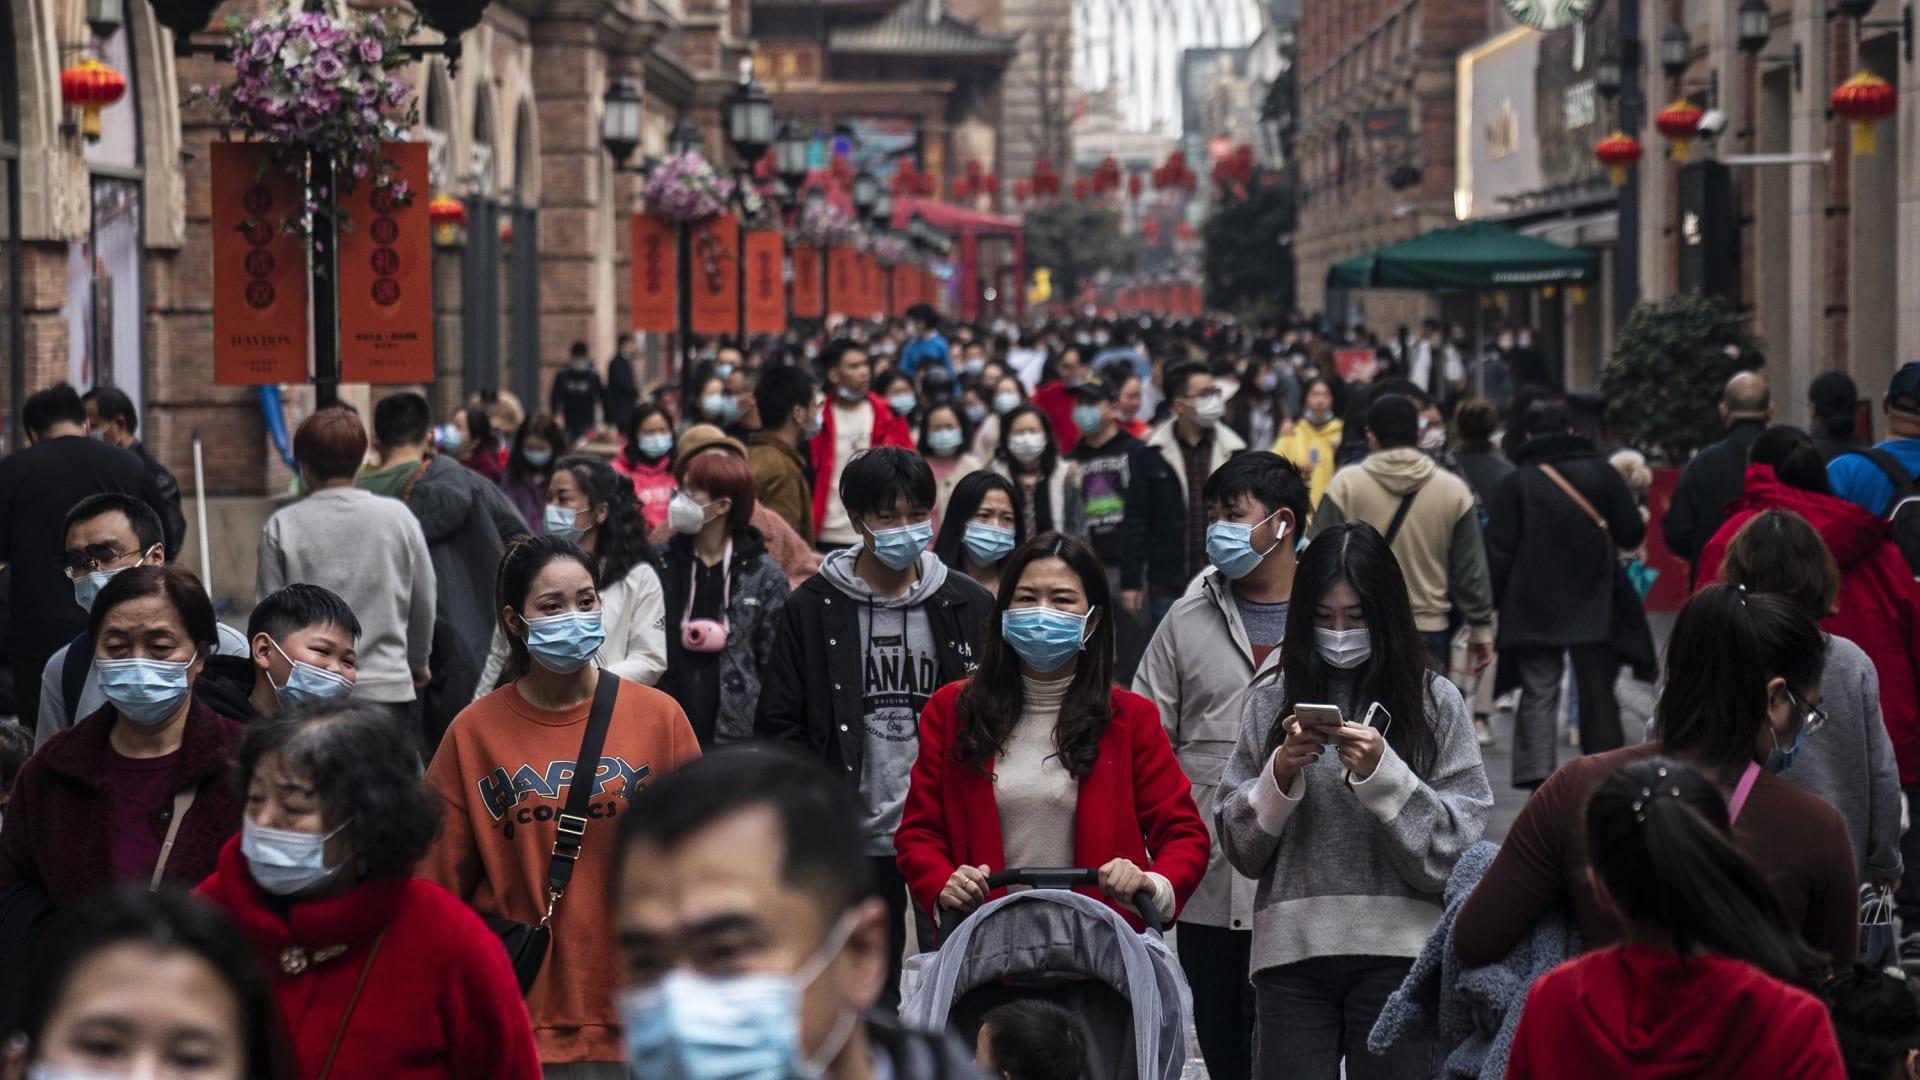 حصري لـ CNN.. بعثة الصحة العالمية بالصين تجد أدلة تفشي كورونا الواسع في ديسمبر 2019